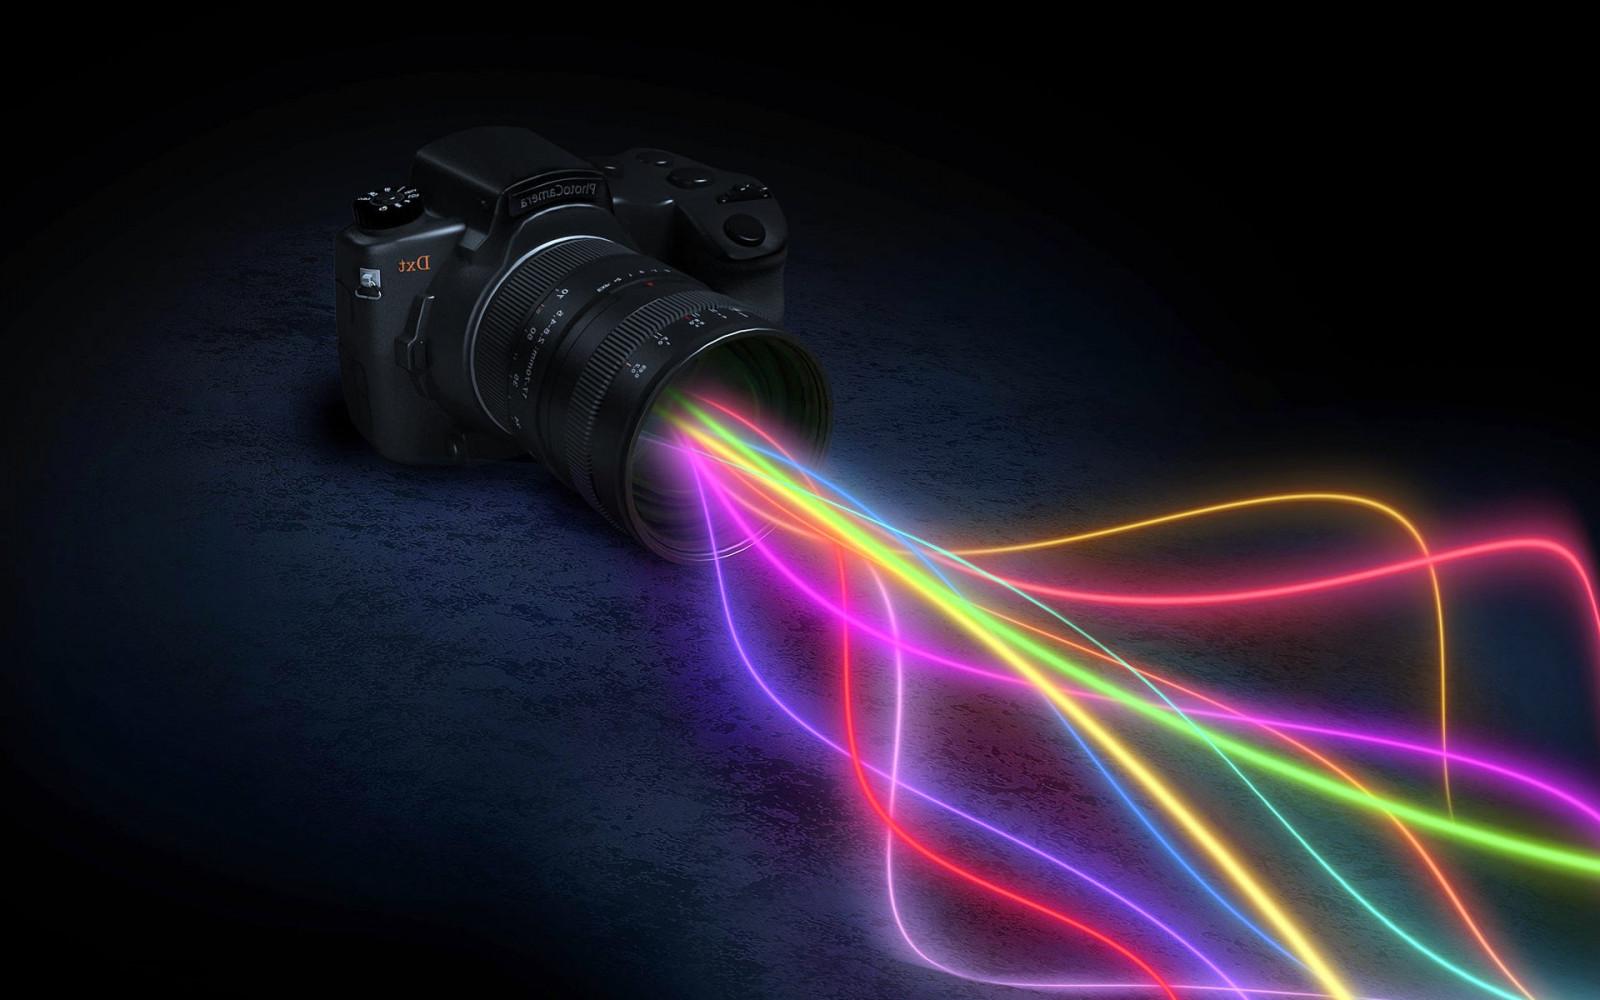 Curso fotografia digital download video 14